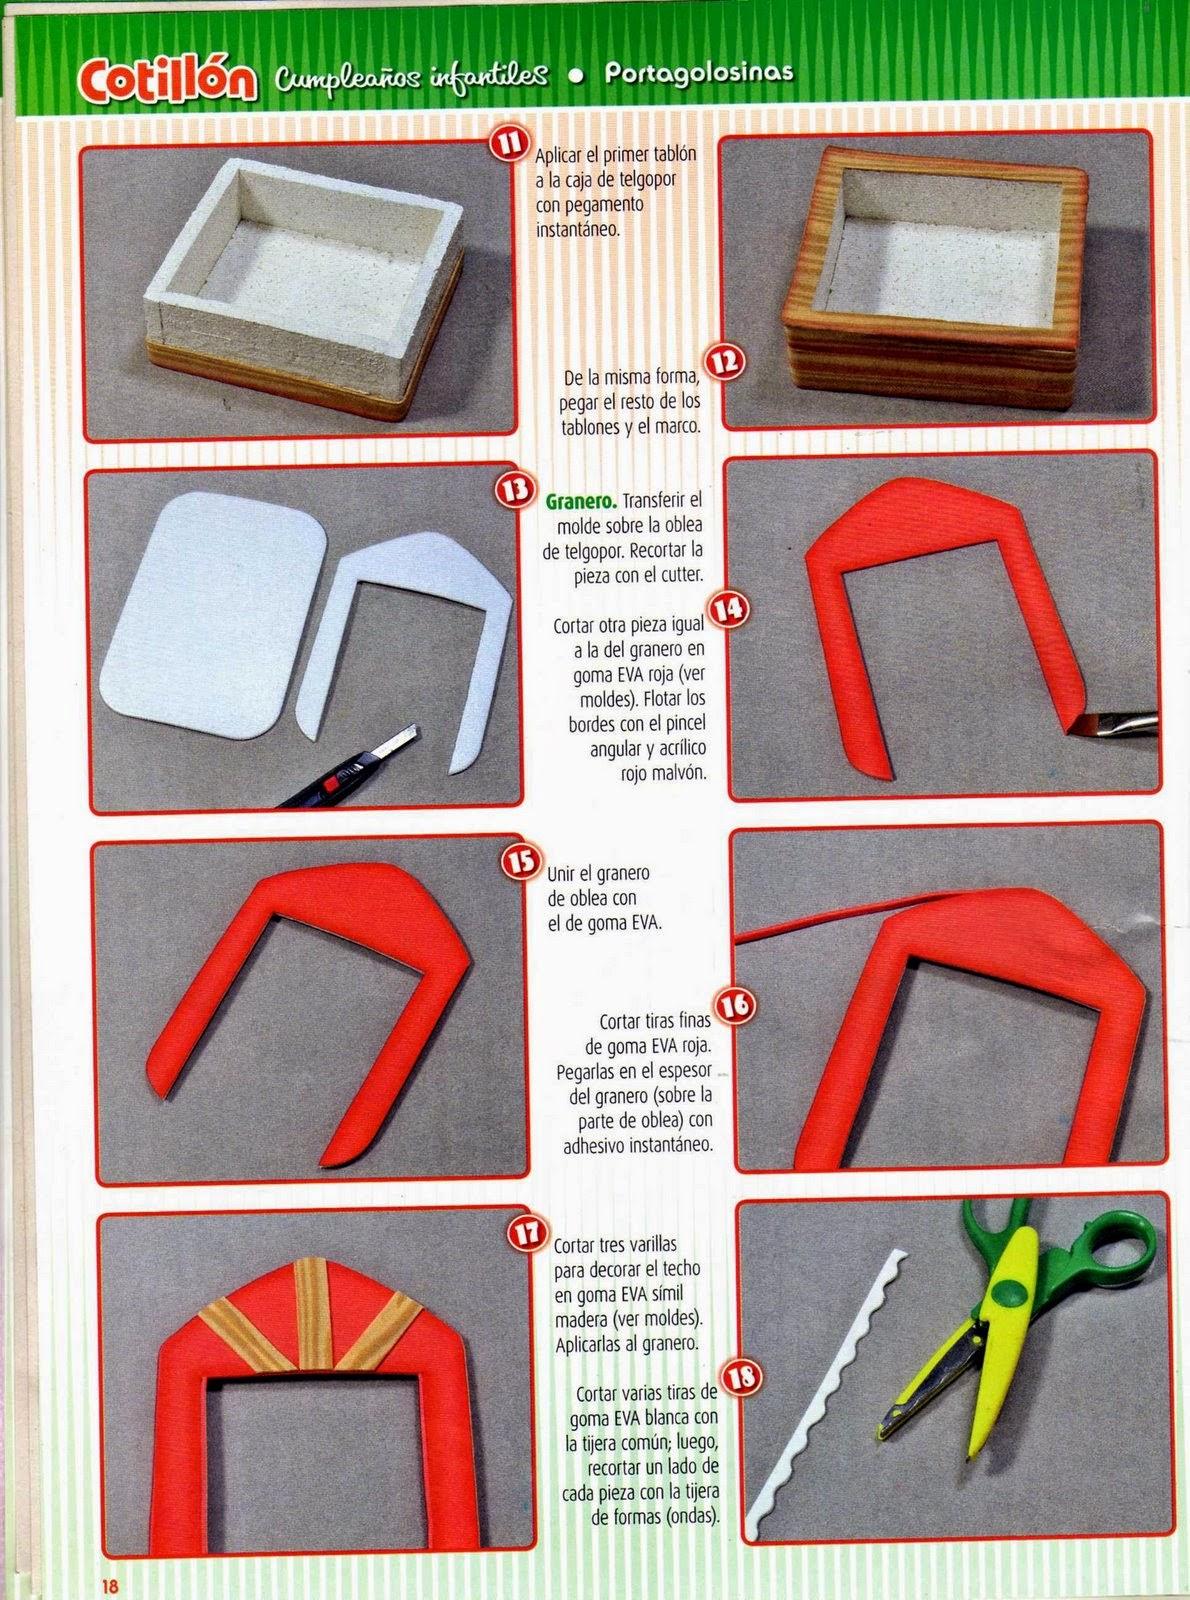 Revista cotillon gratis - Revistas de manualidades gratis